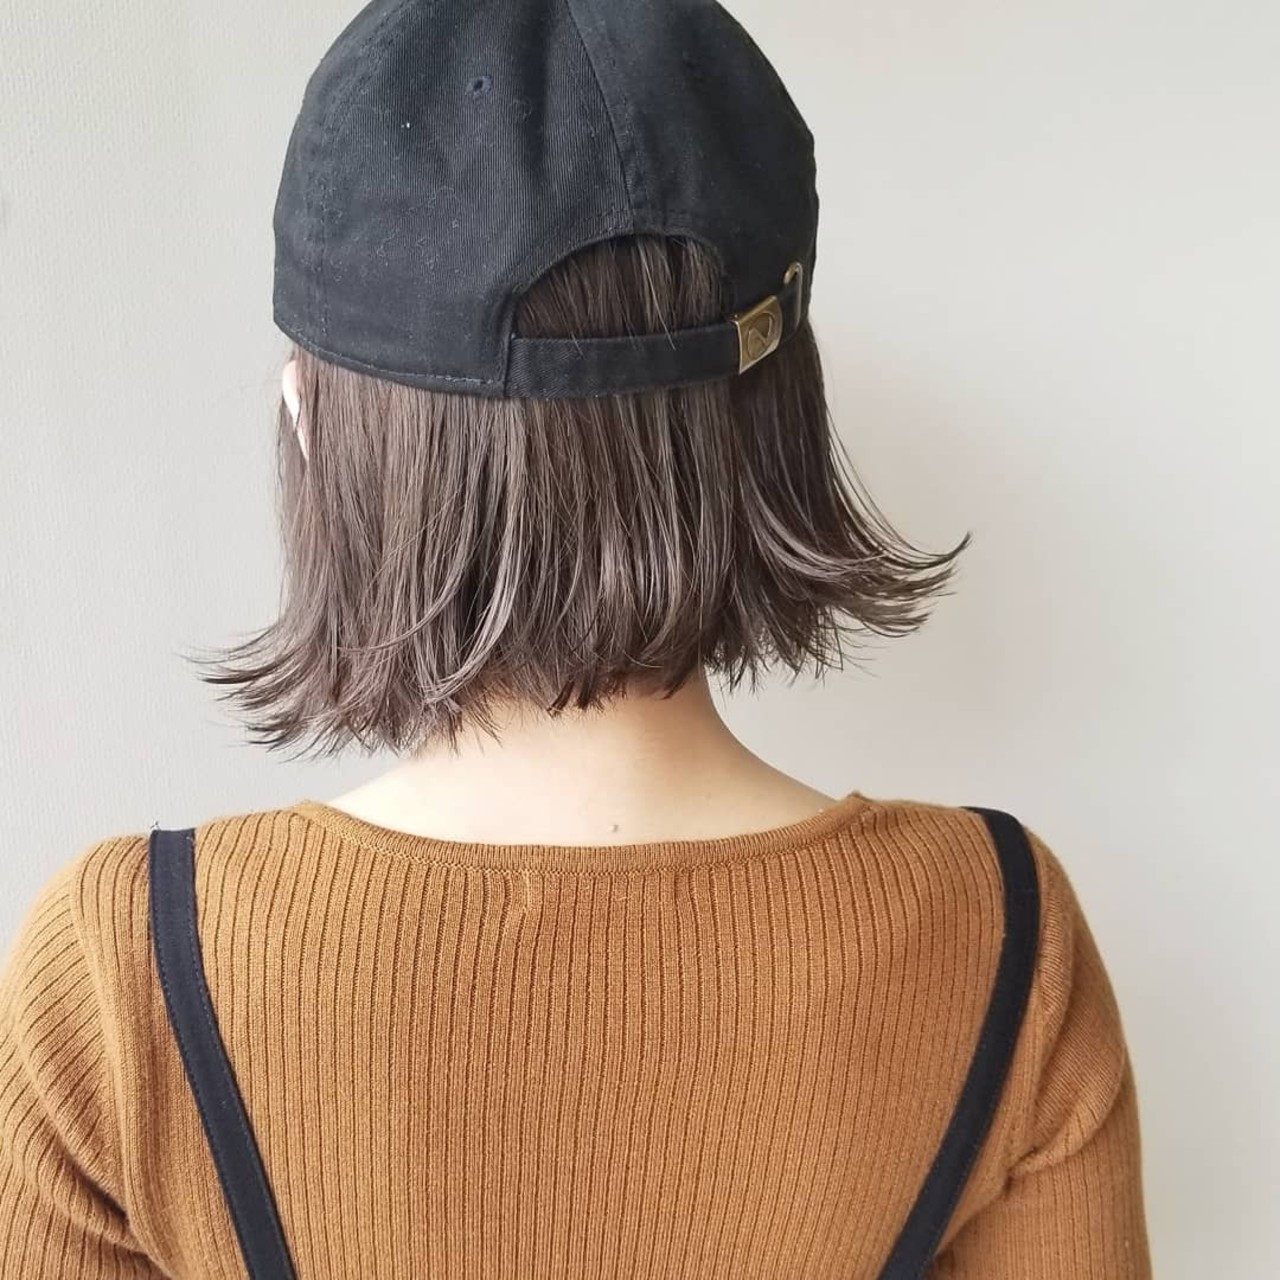 ナチュラル ミルクティーベージュ キャップ イルミナカラー ヘアスタイルや髪型の写真・画像